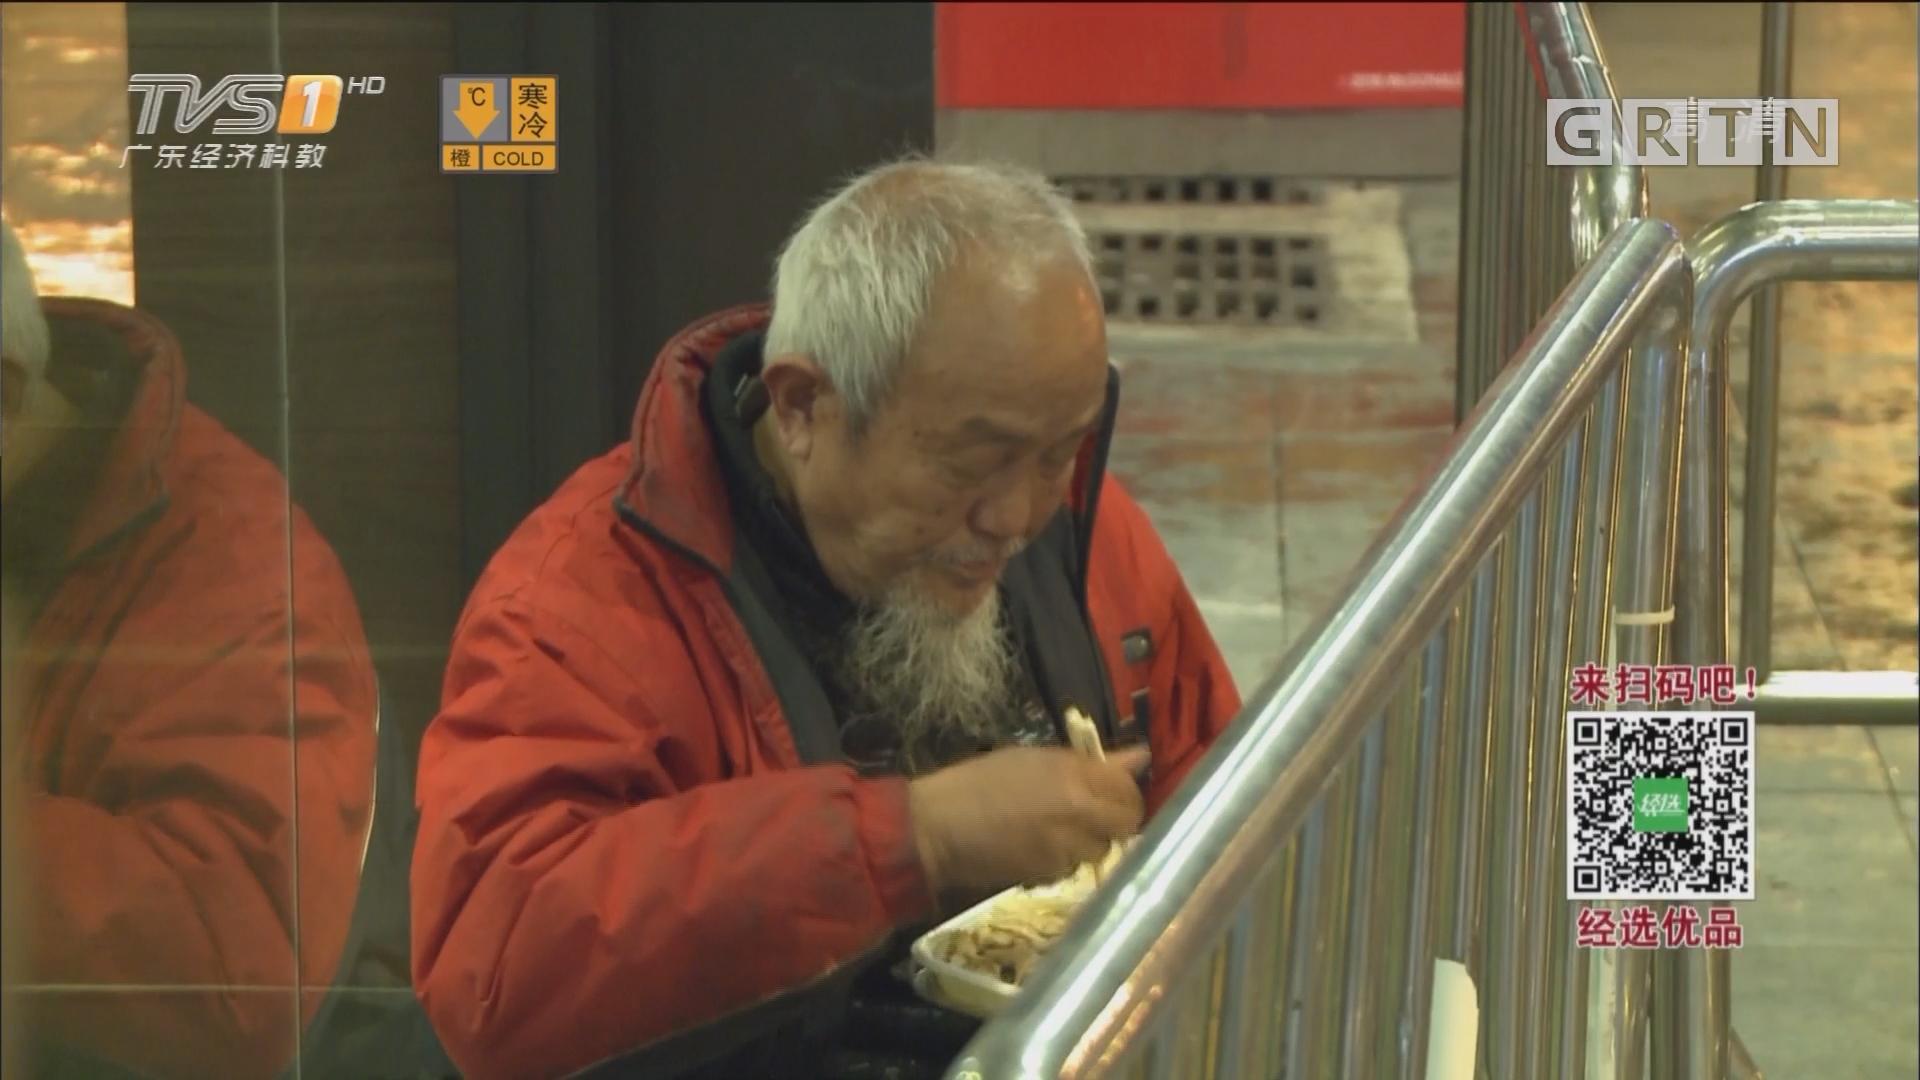 寒夜广州:记者随服务队救助街头露宿者